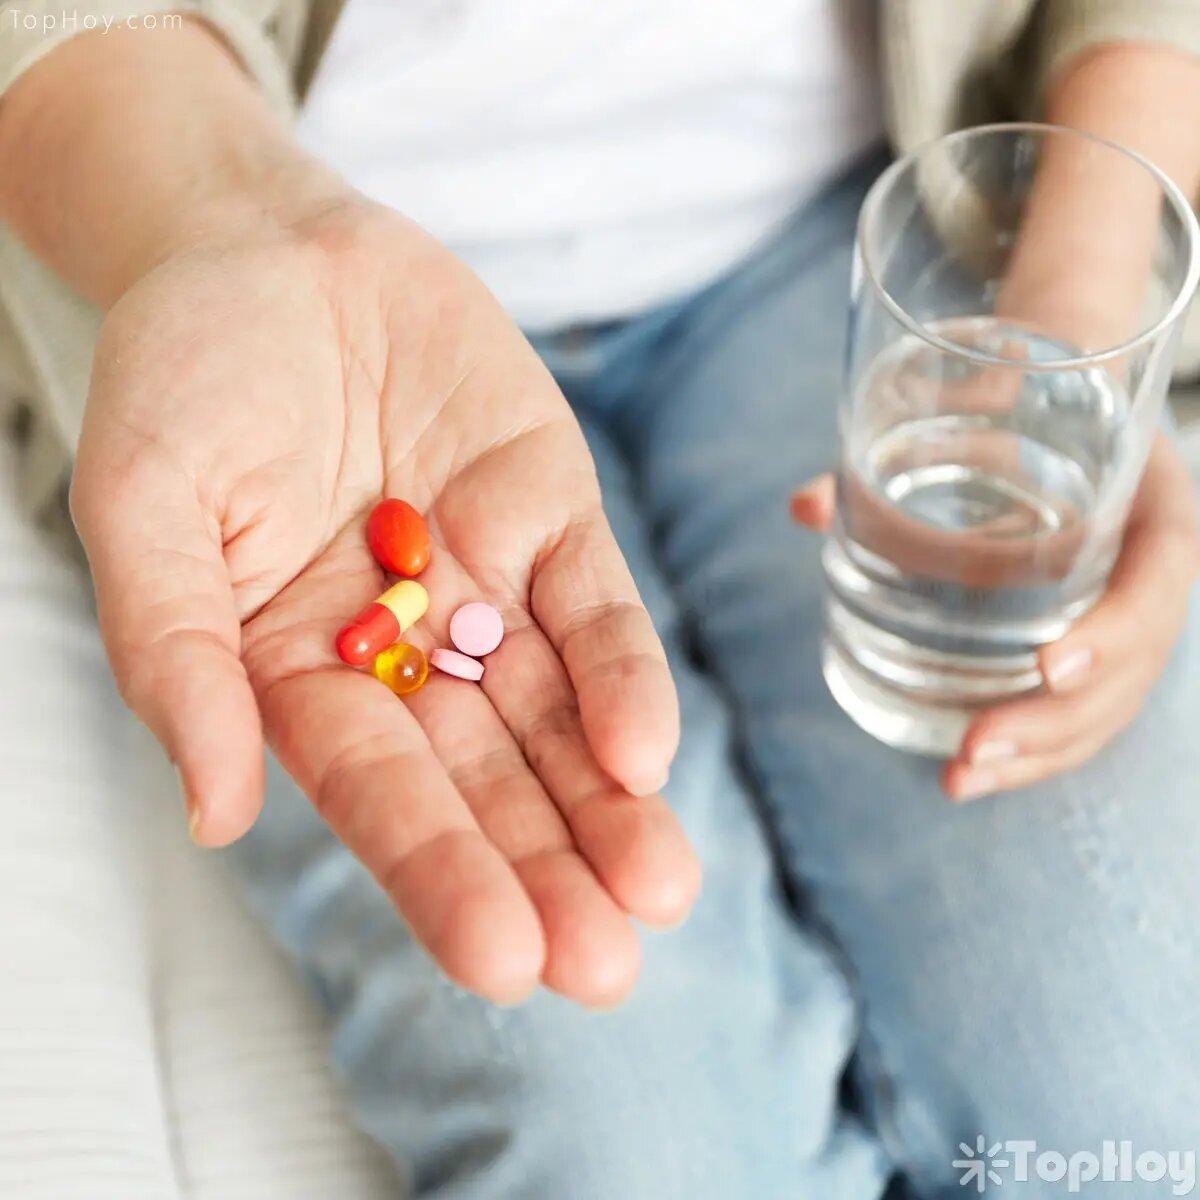 Existen algunos medicamentos cuyos componentes interfieren en la efectividad de la pastilla del día después, por lo que debe investigarse cuáles son antes de consumirla.